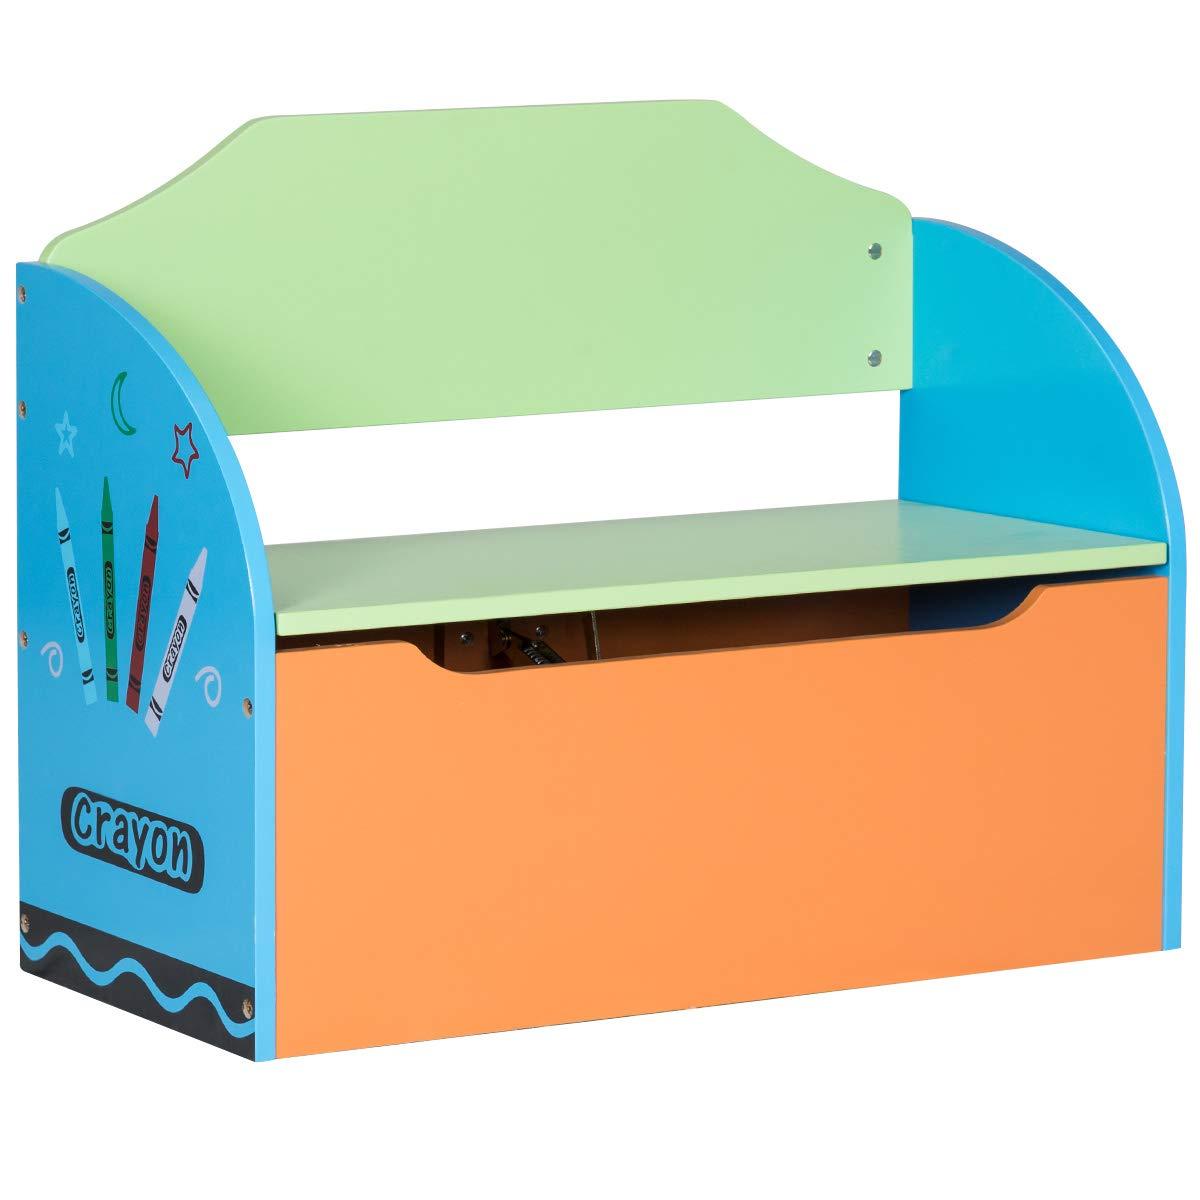 COSTWAY Spielzeugtruhe für Kinder, Spielzeugkiste für Kinderzimmer, Spielzeugbox mit Deckel, Truhenbank für Spielzeug, Kinderbank mit Stauraum